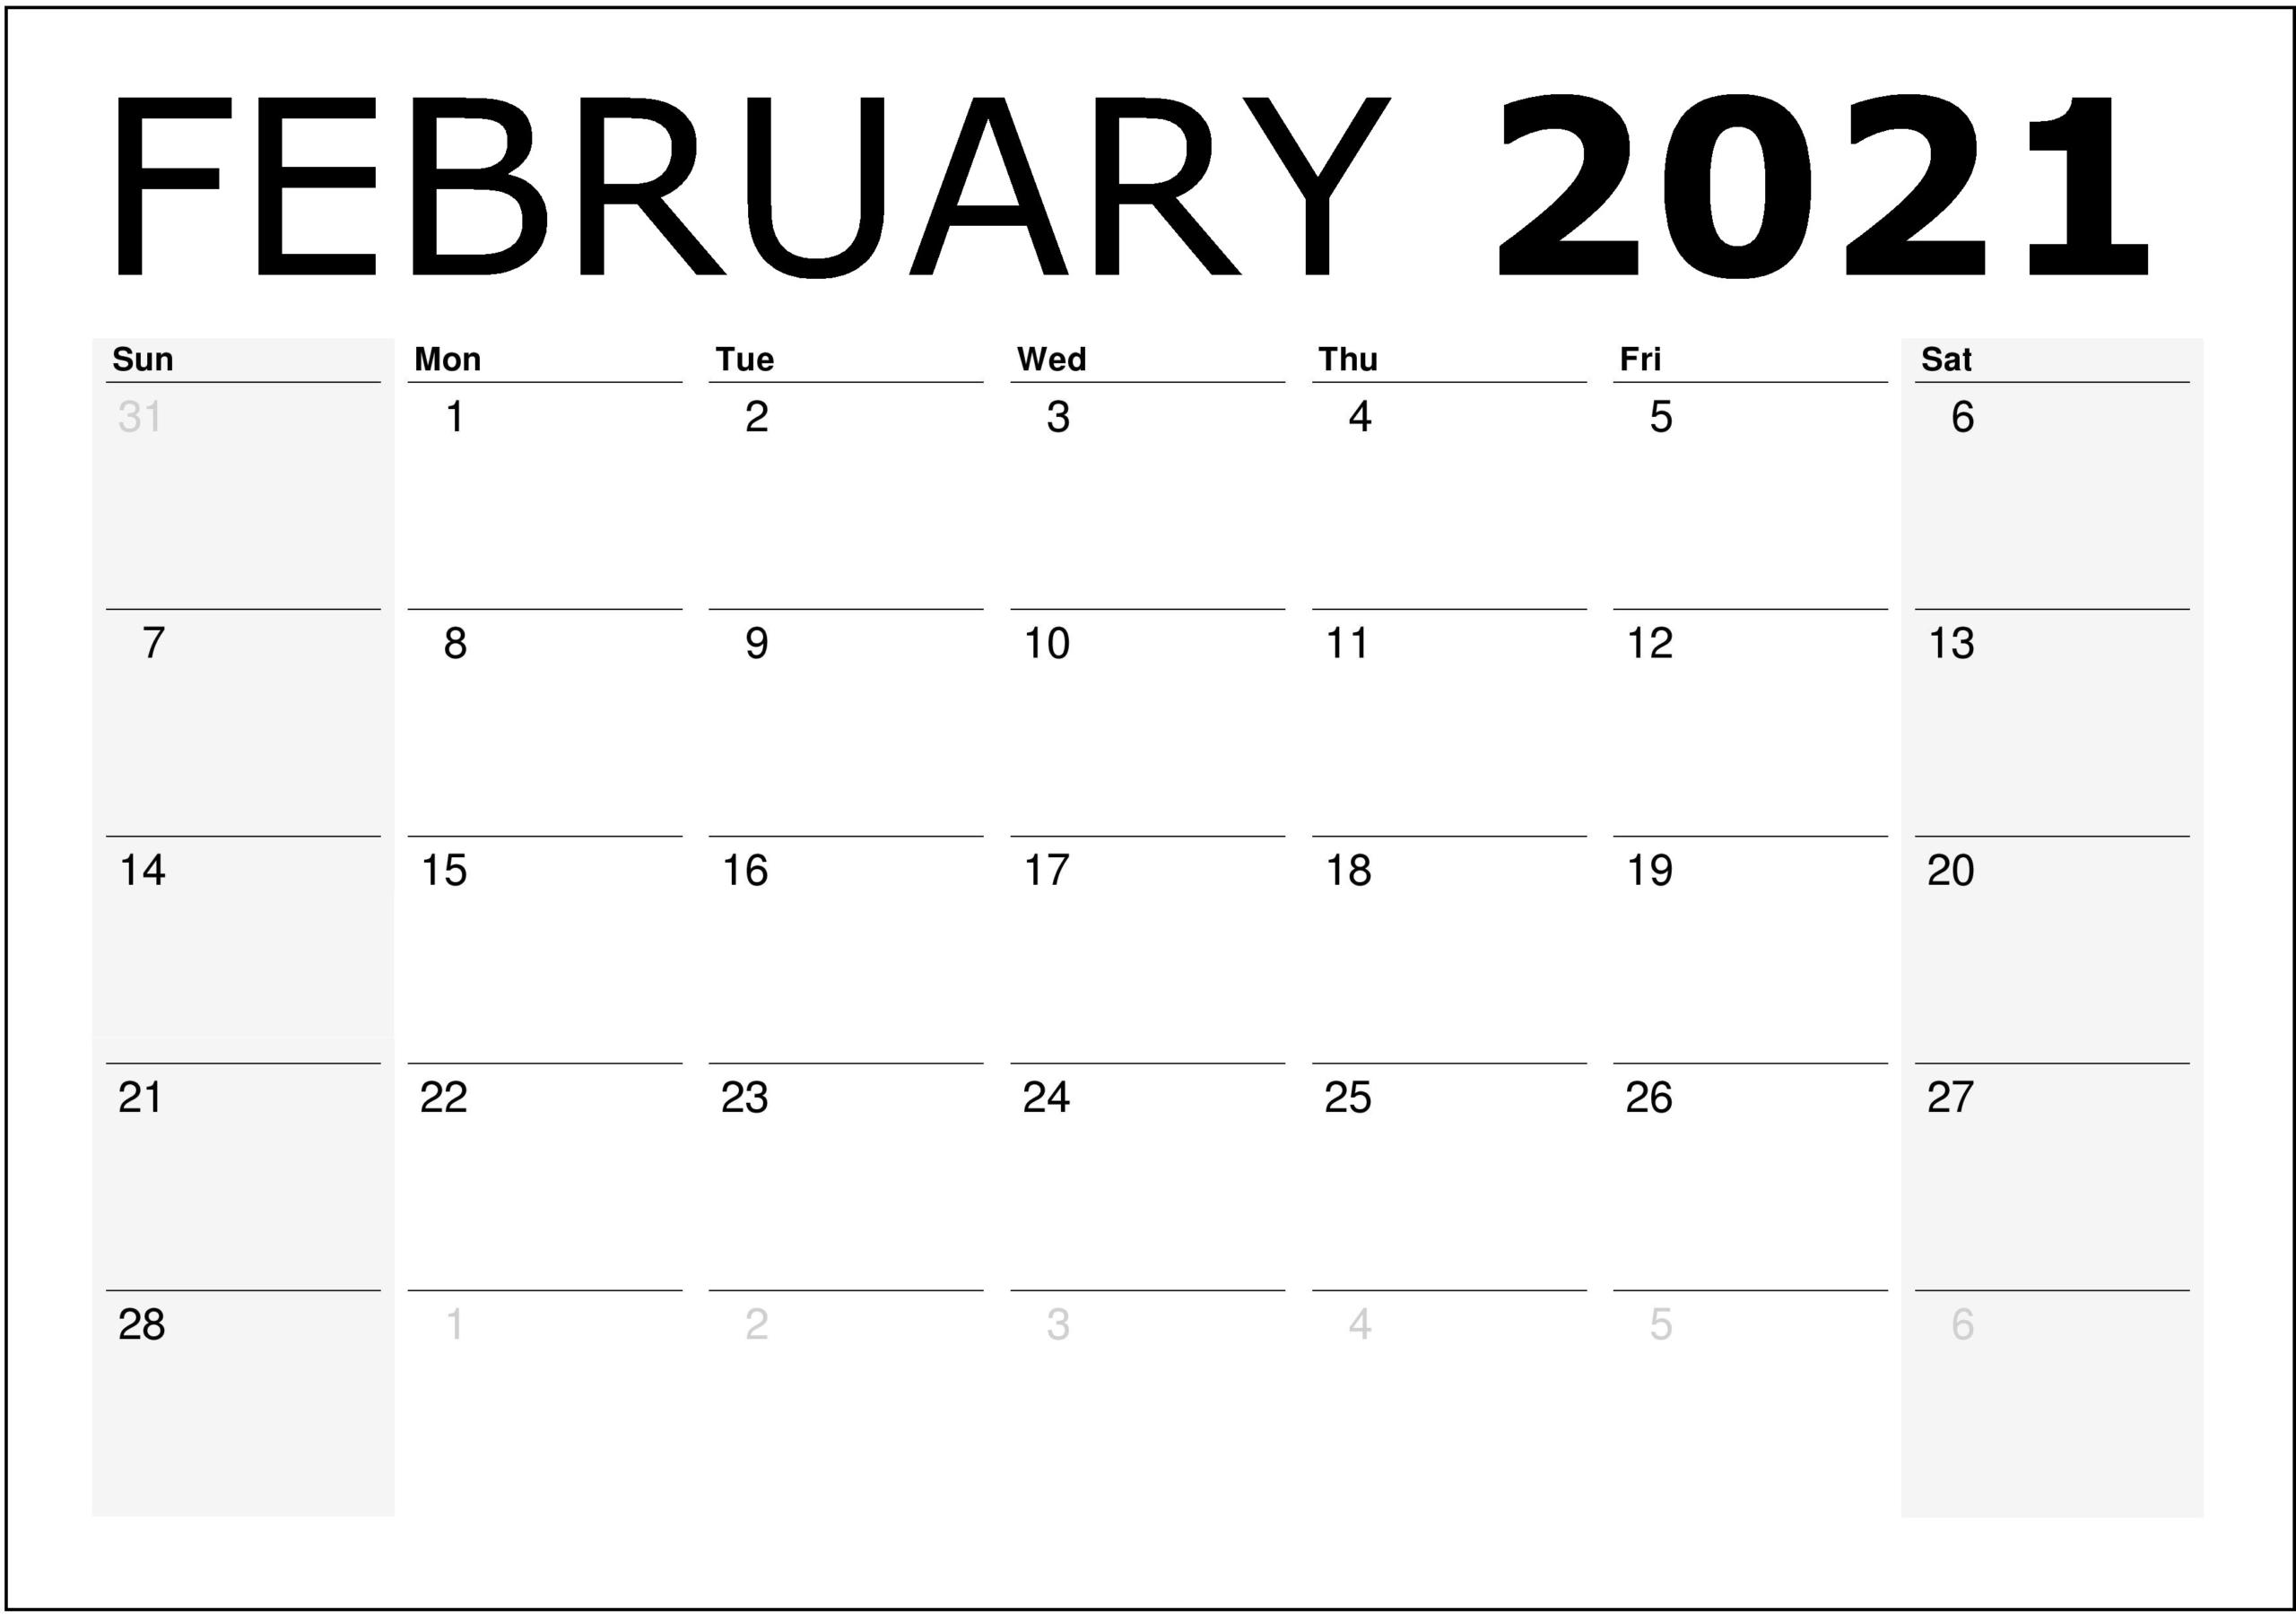 February 2021 Calendar Printable  February 2021 Editable Calendar With Holidays  2021